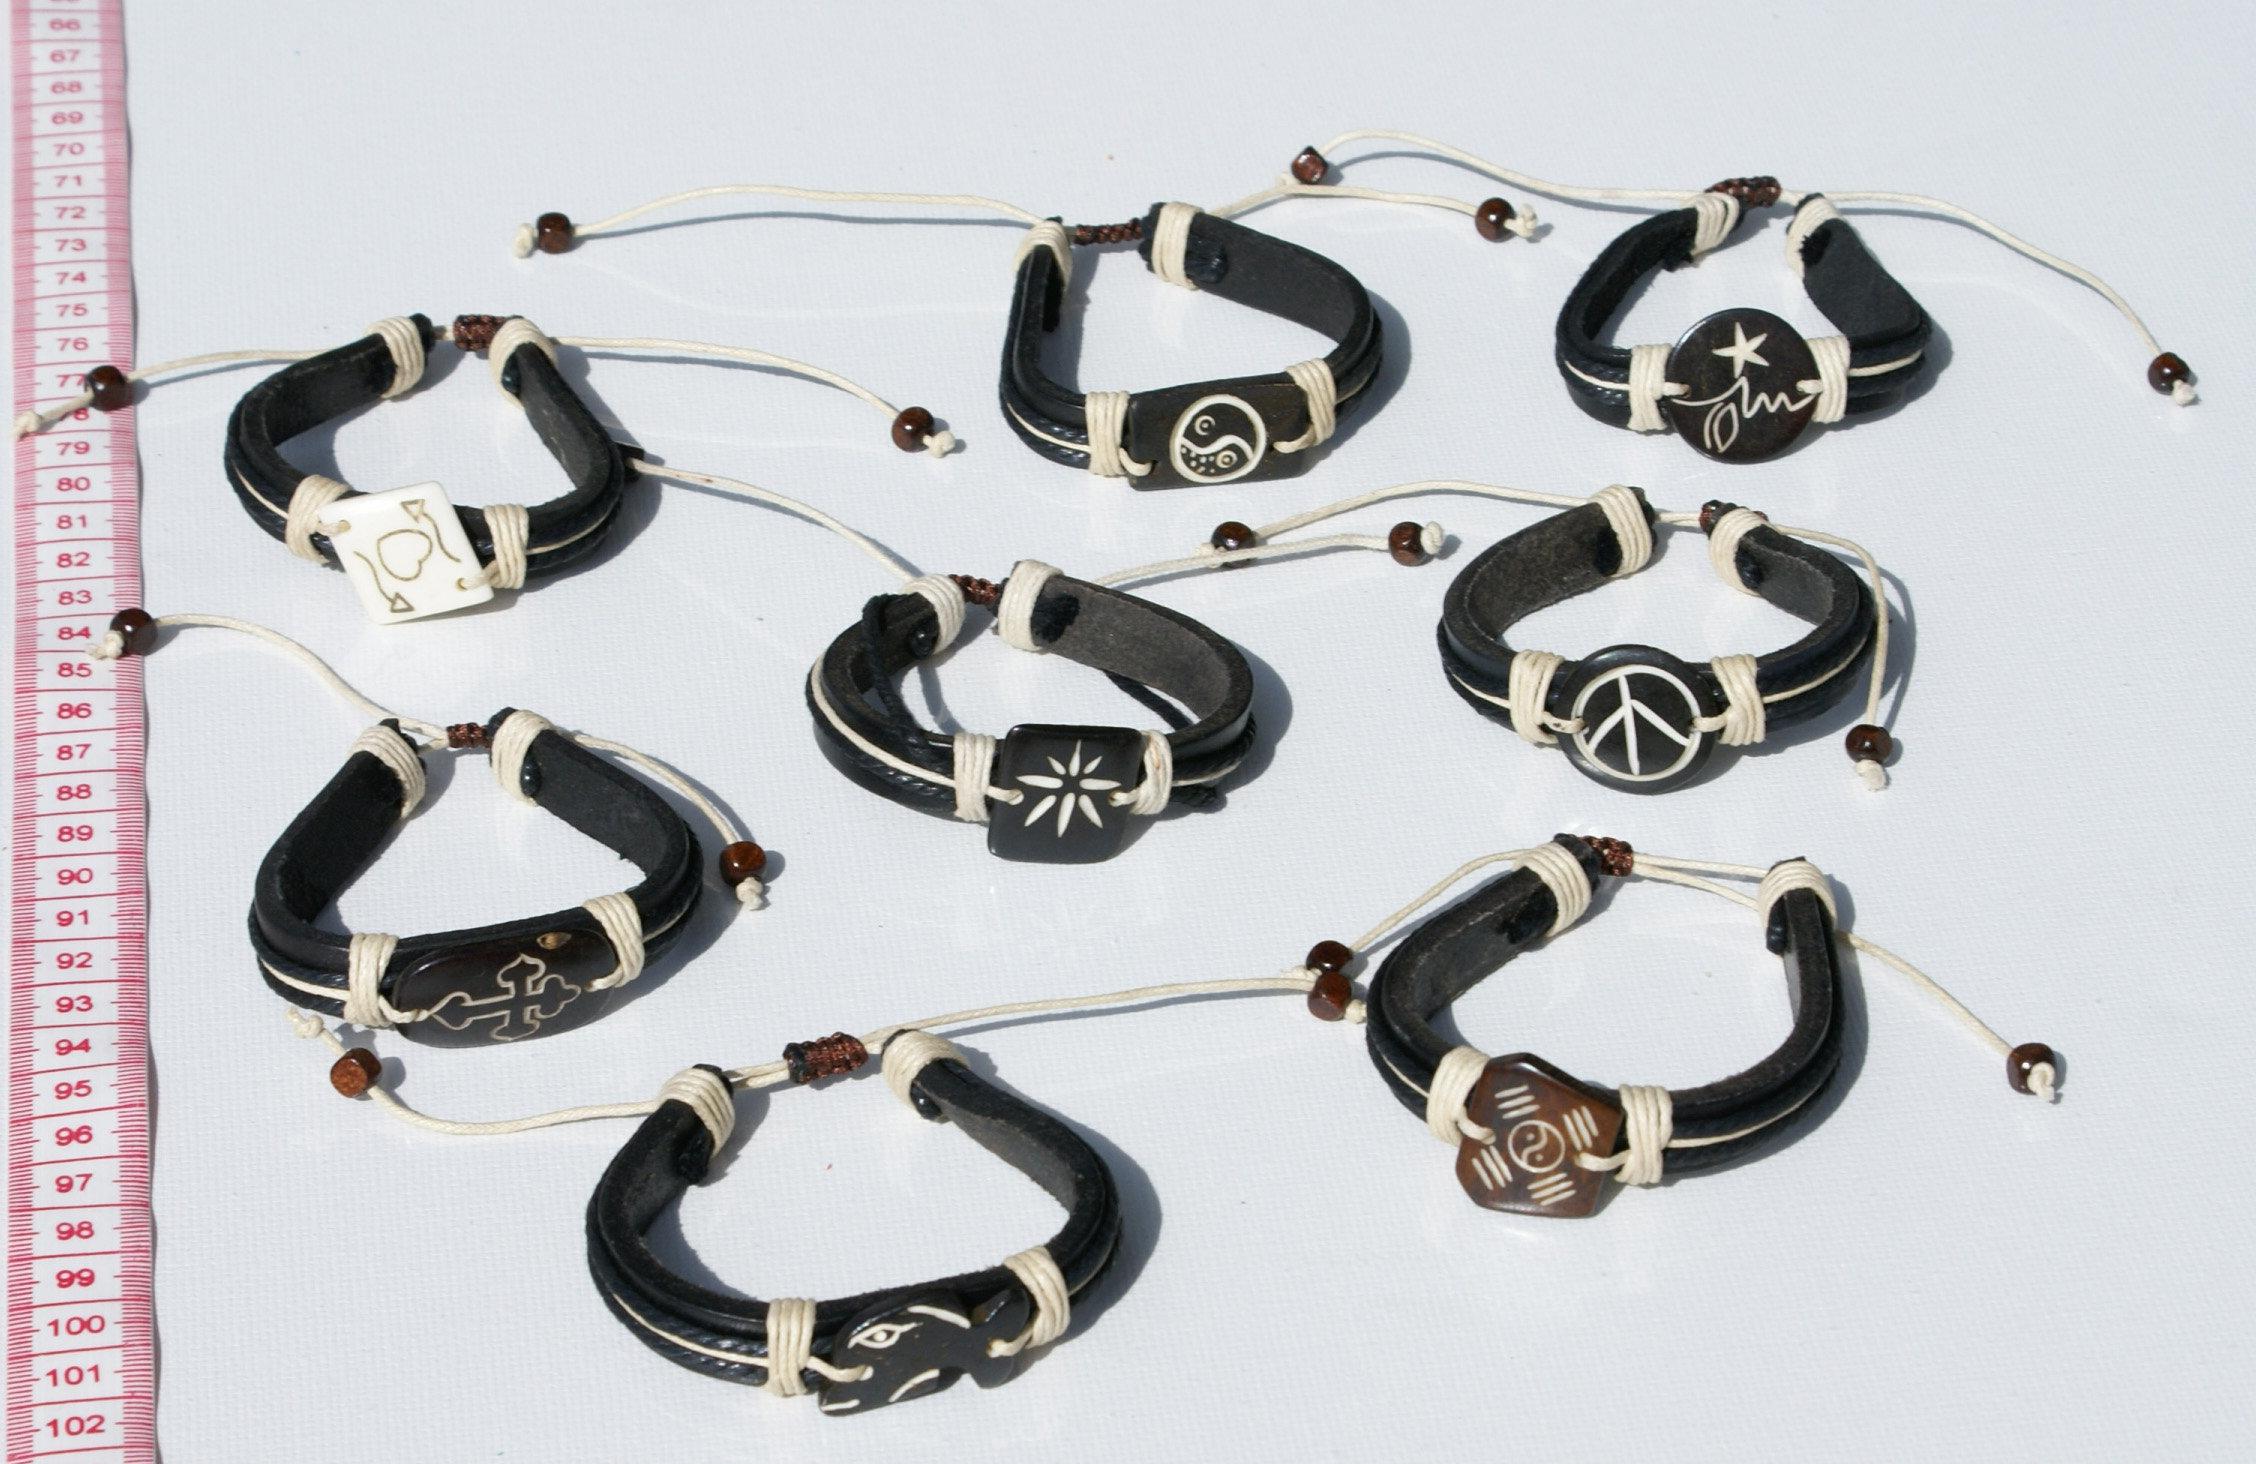 Πολλές 7 artisan μαύρη δερμάτινη μανσέτα βραχιόλια χειροποίητα κοσμήματα 20c6239666d